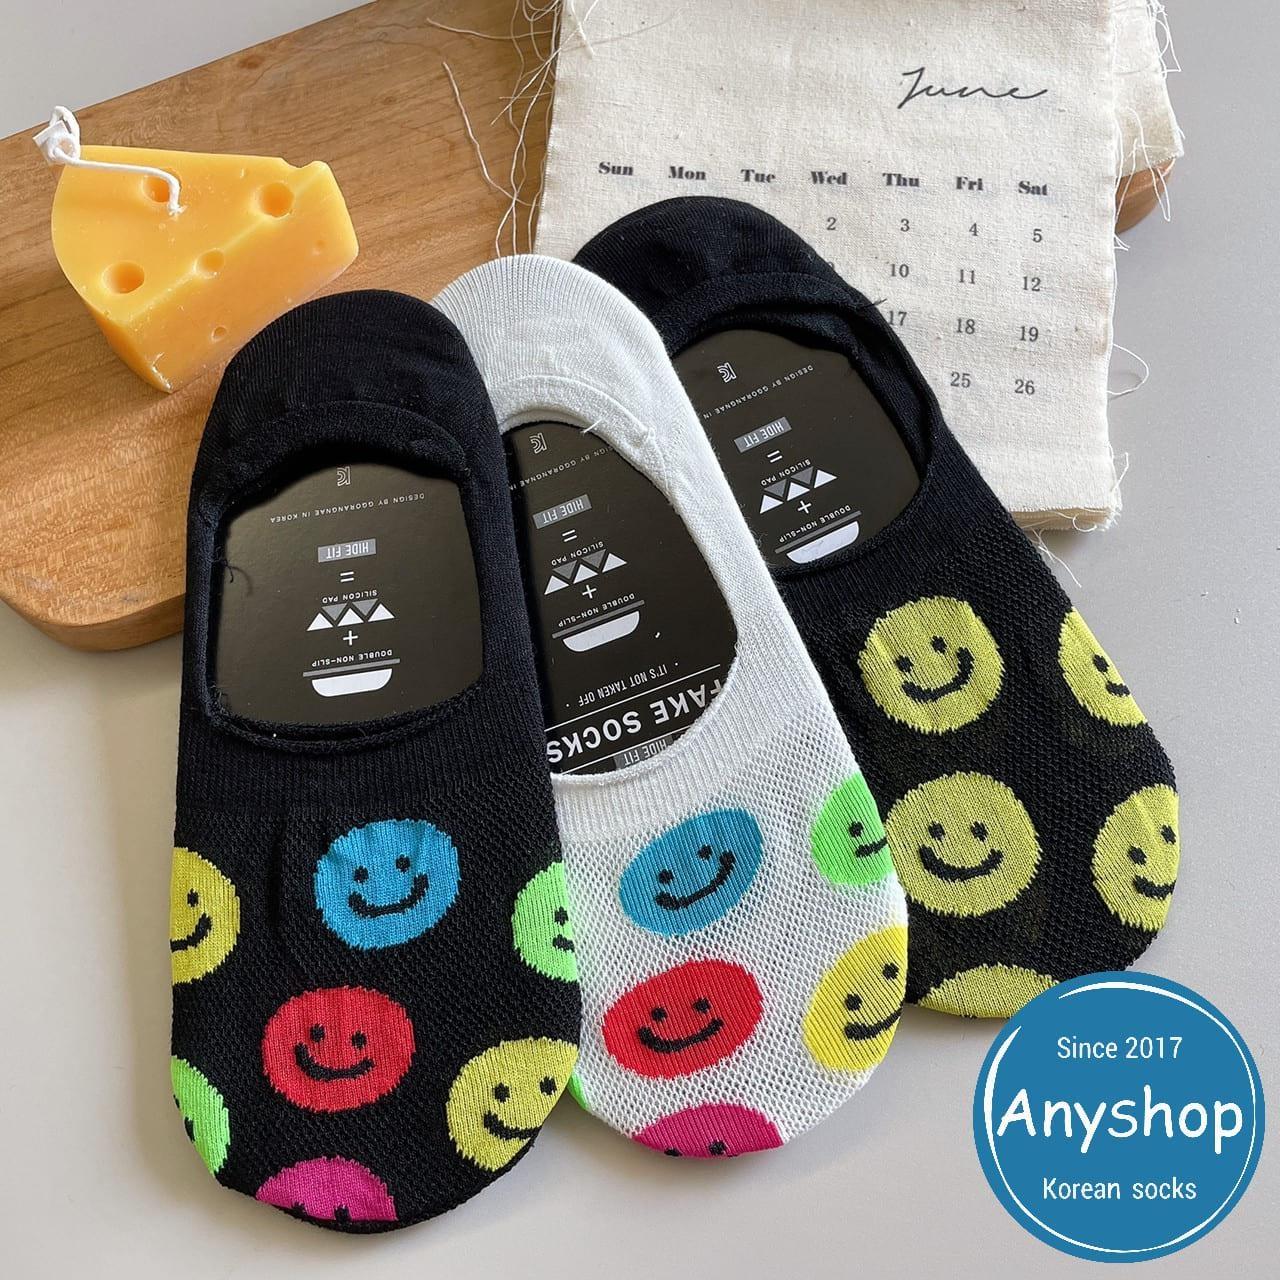 韓國襪-[Anyshop]笑臉洞洞船型襪